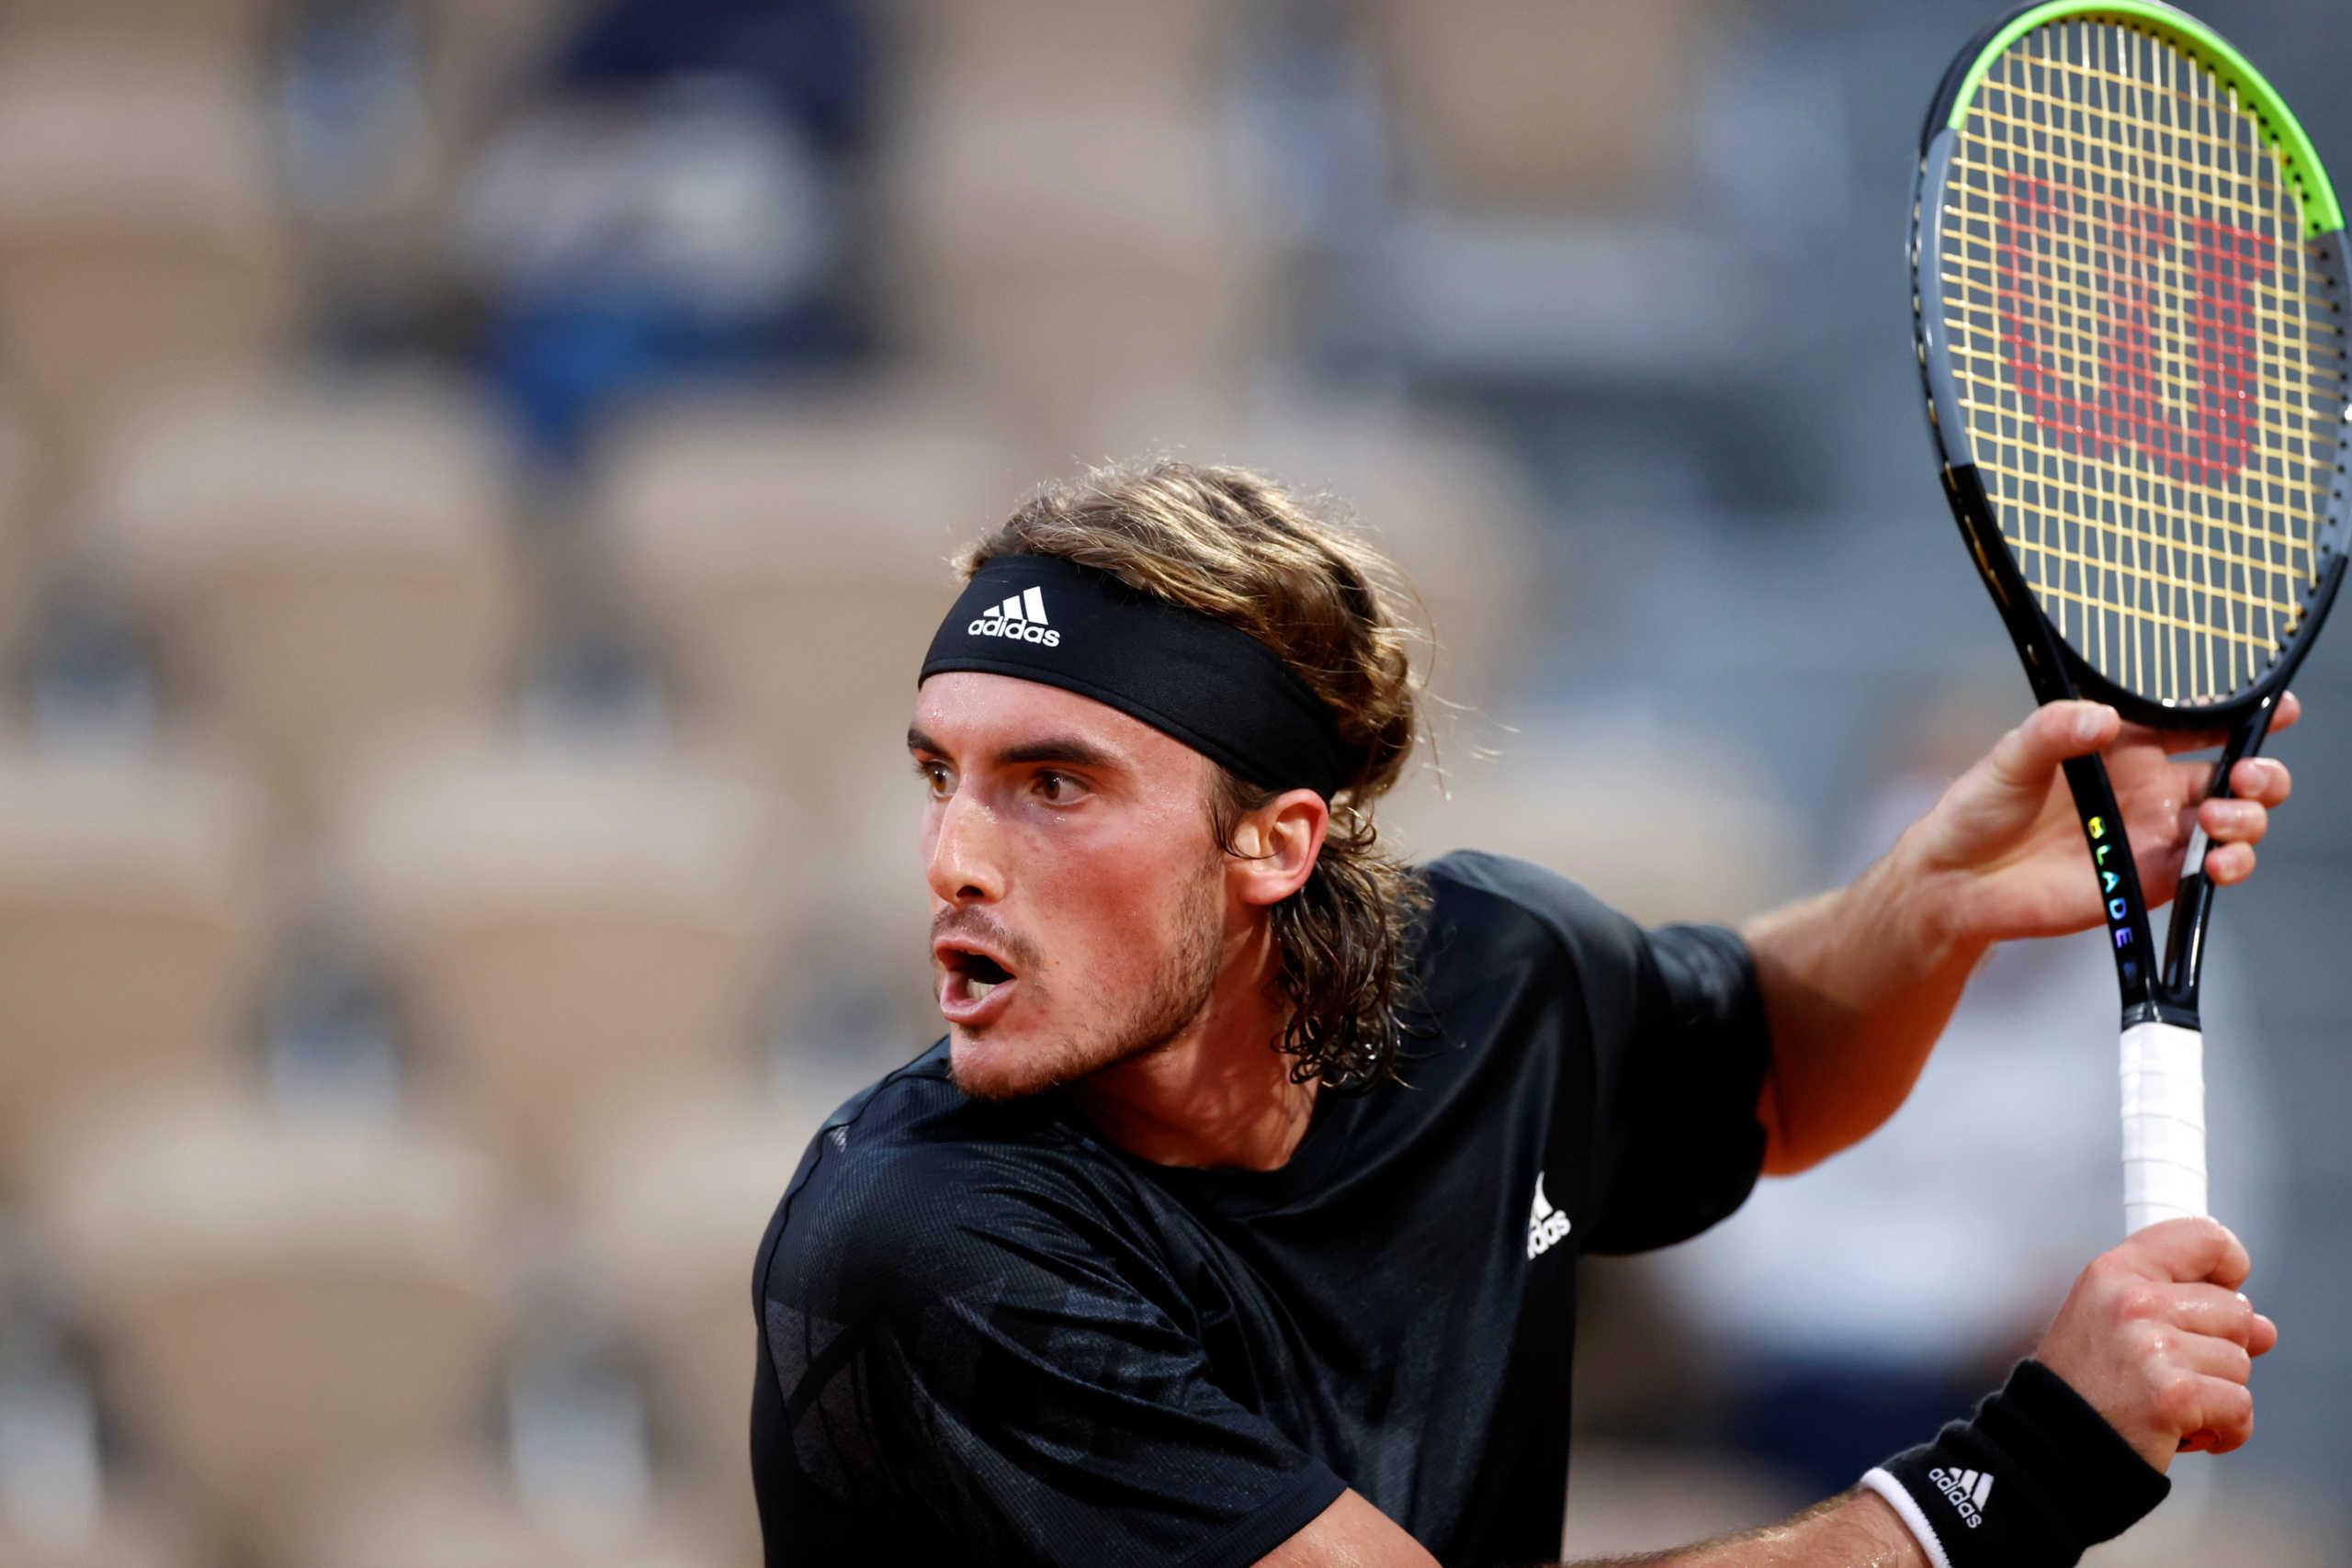 Ντιμιτρόφ – Τσιτσιπάς 0-3 ΤΕΛΙΚΟ: Στα προημιτελικά του Roland Garros ο Στέφανος